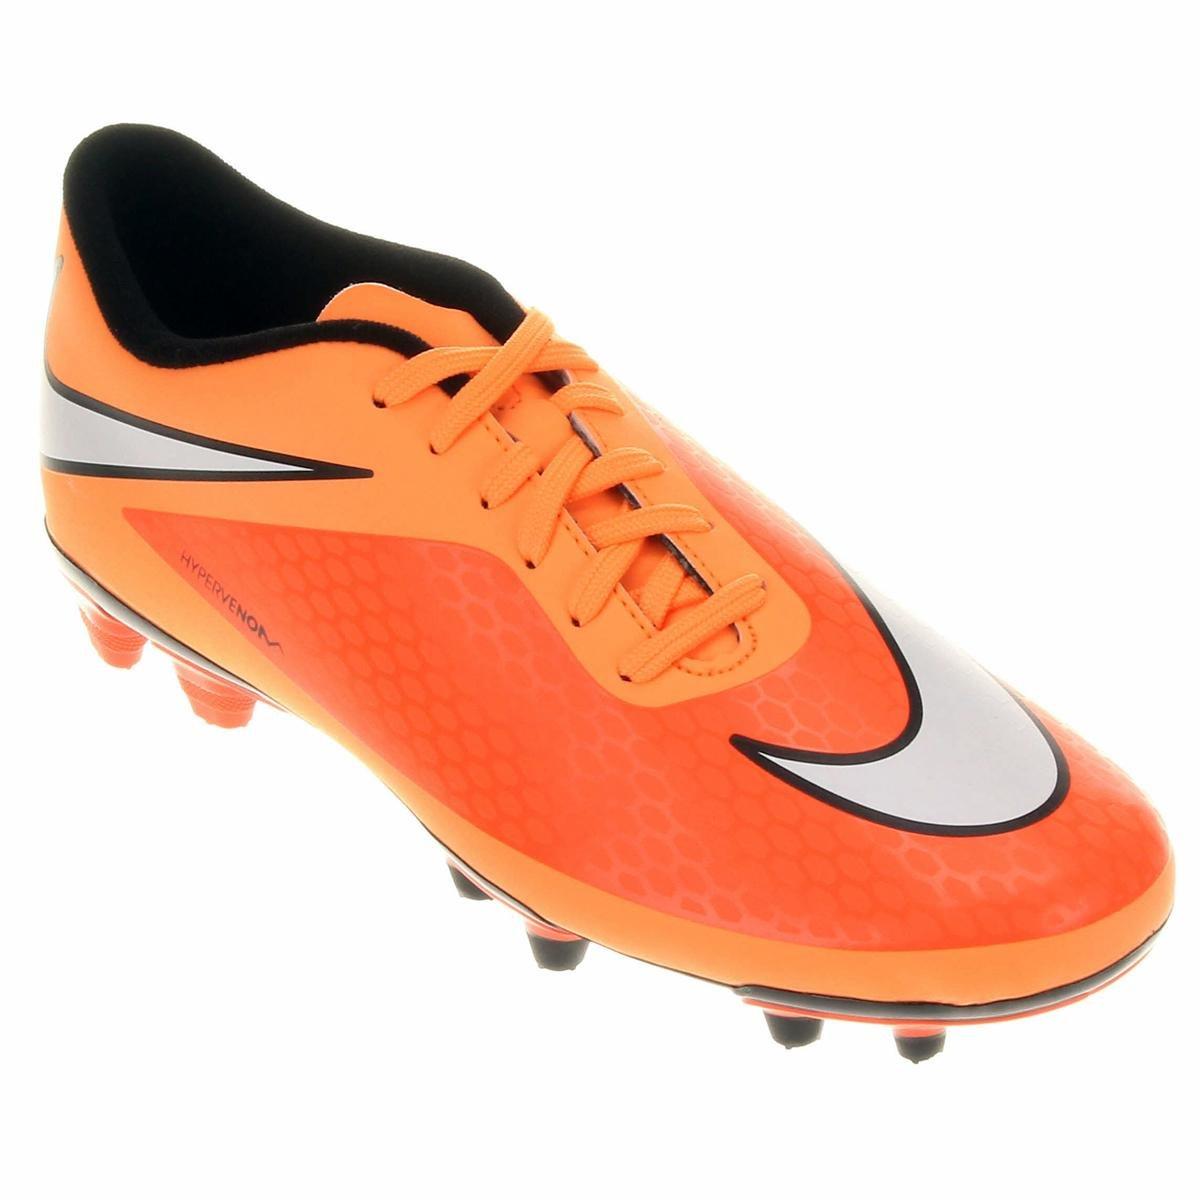 f9d7ca66f1 Chuteira Nike Hypervenom Phade FG - Compre Agora